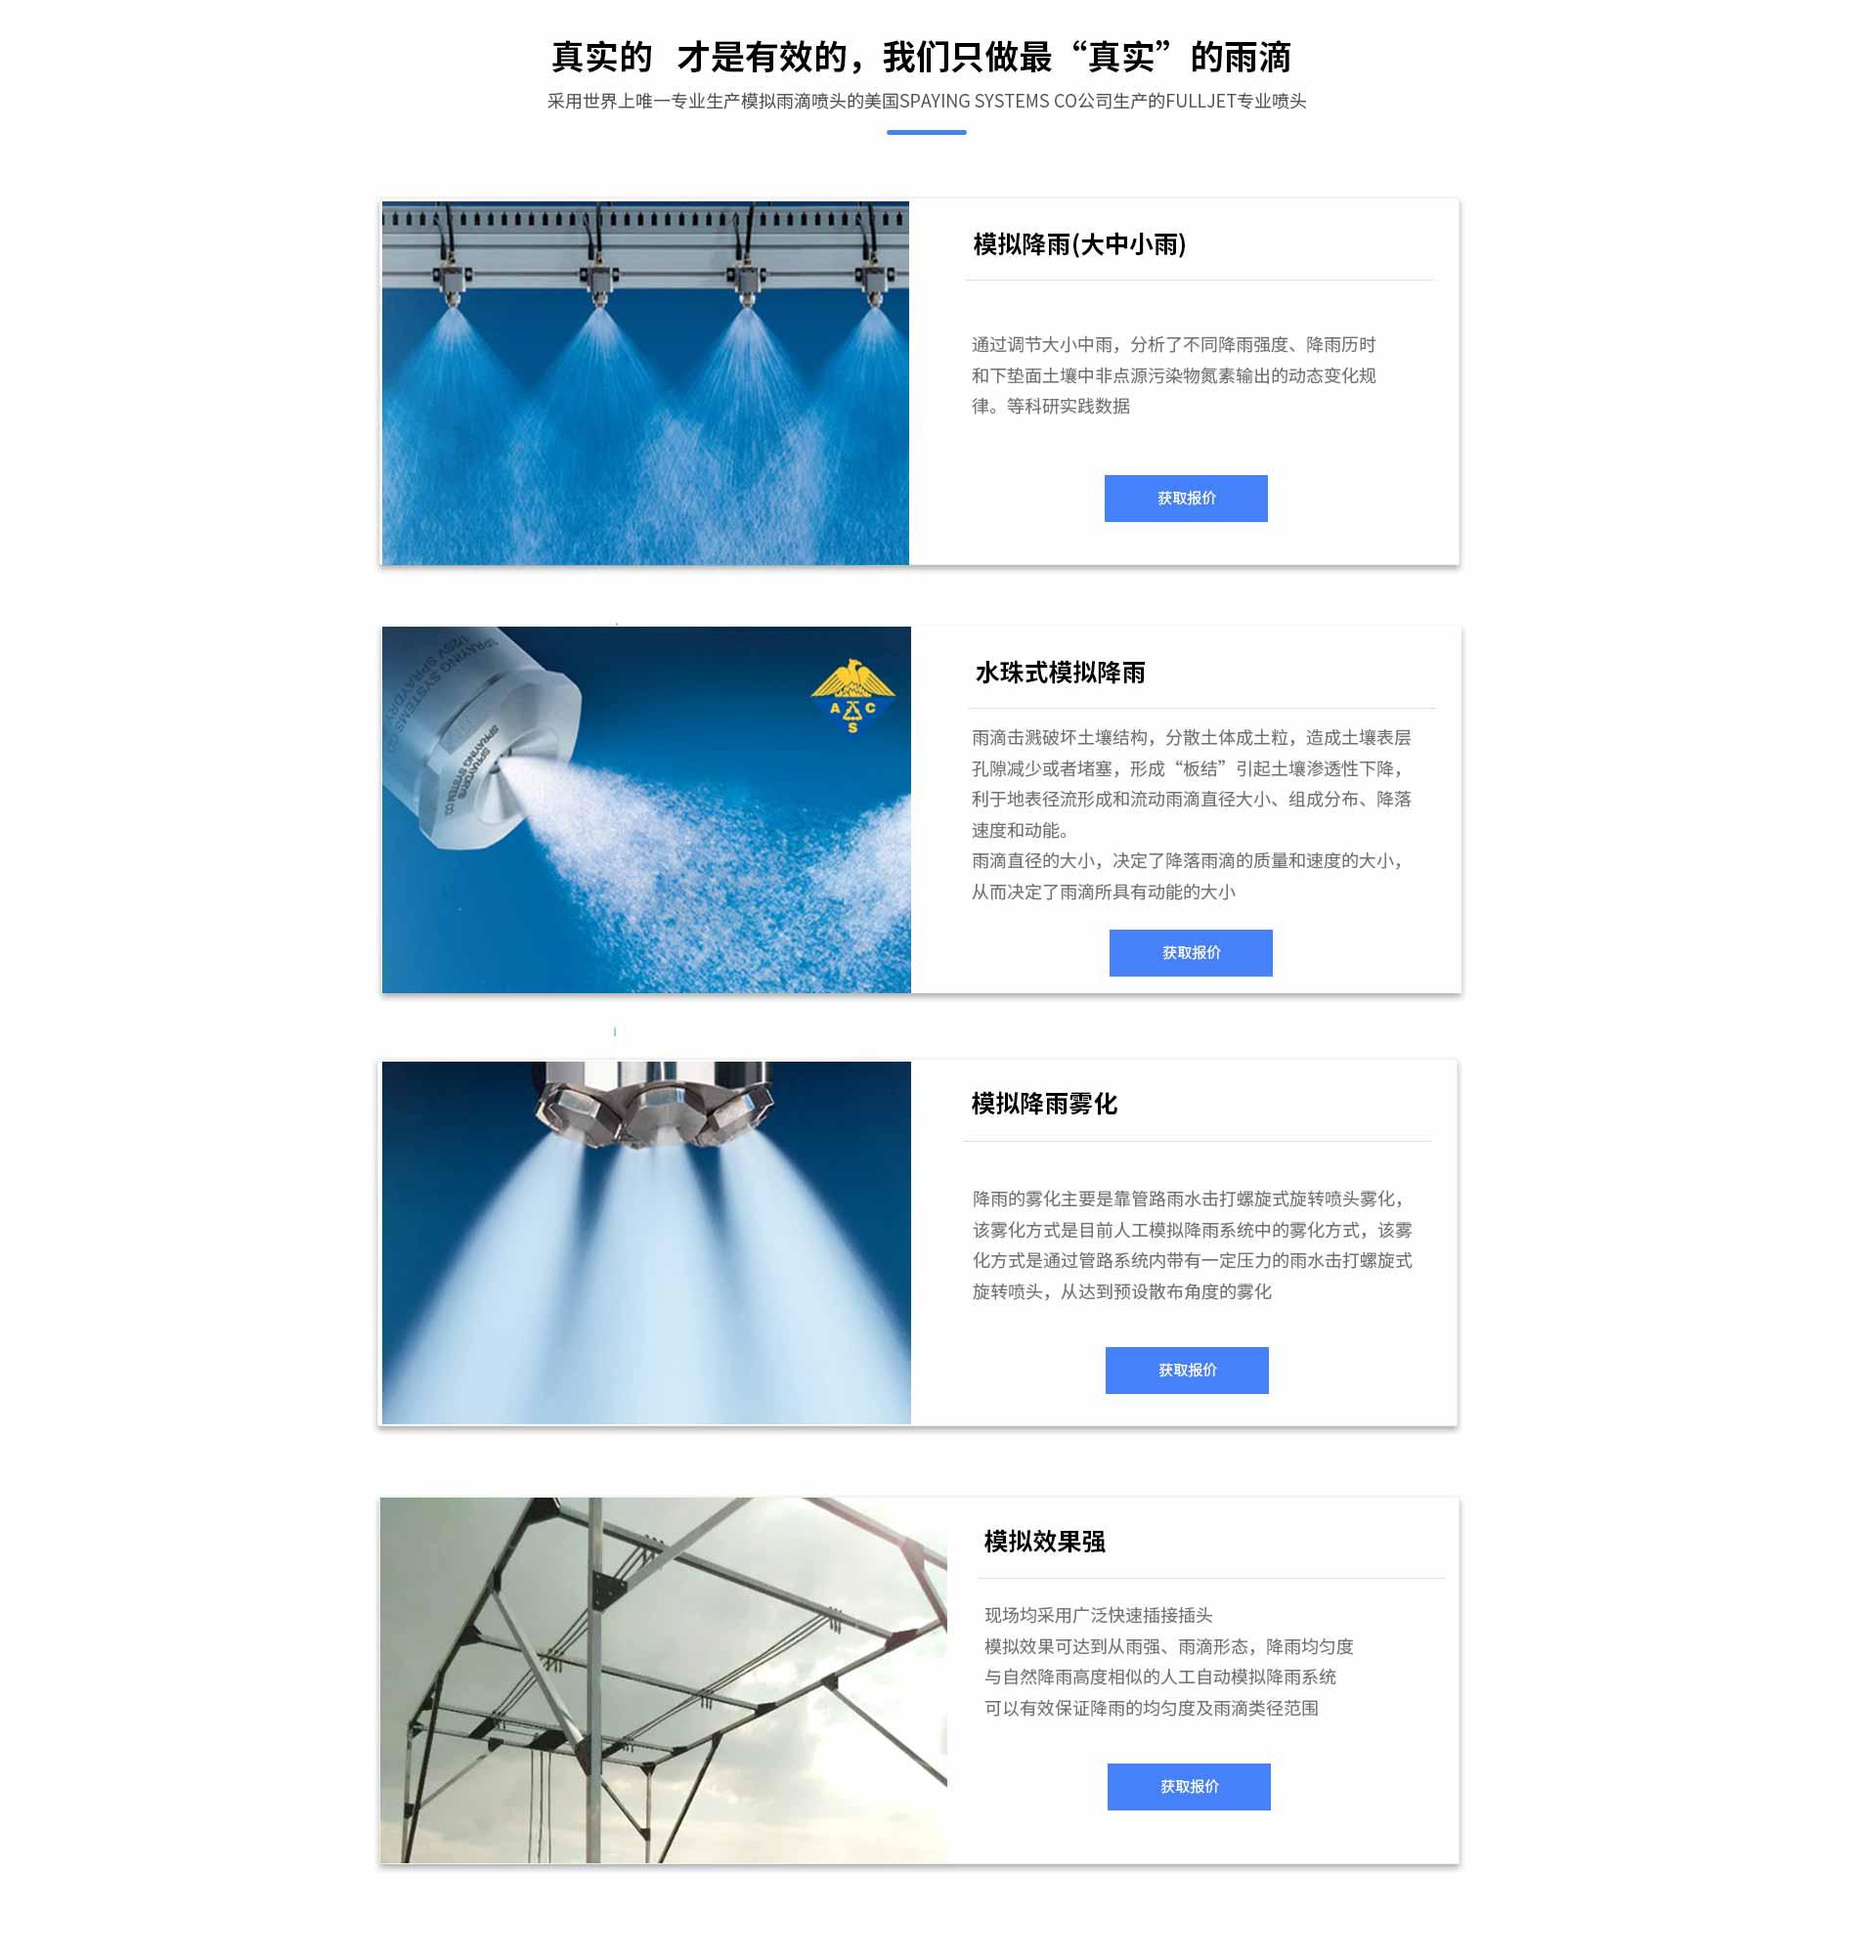 人工模拟降雨系统